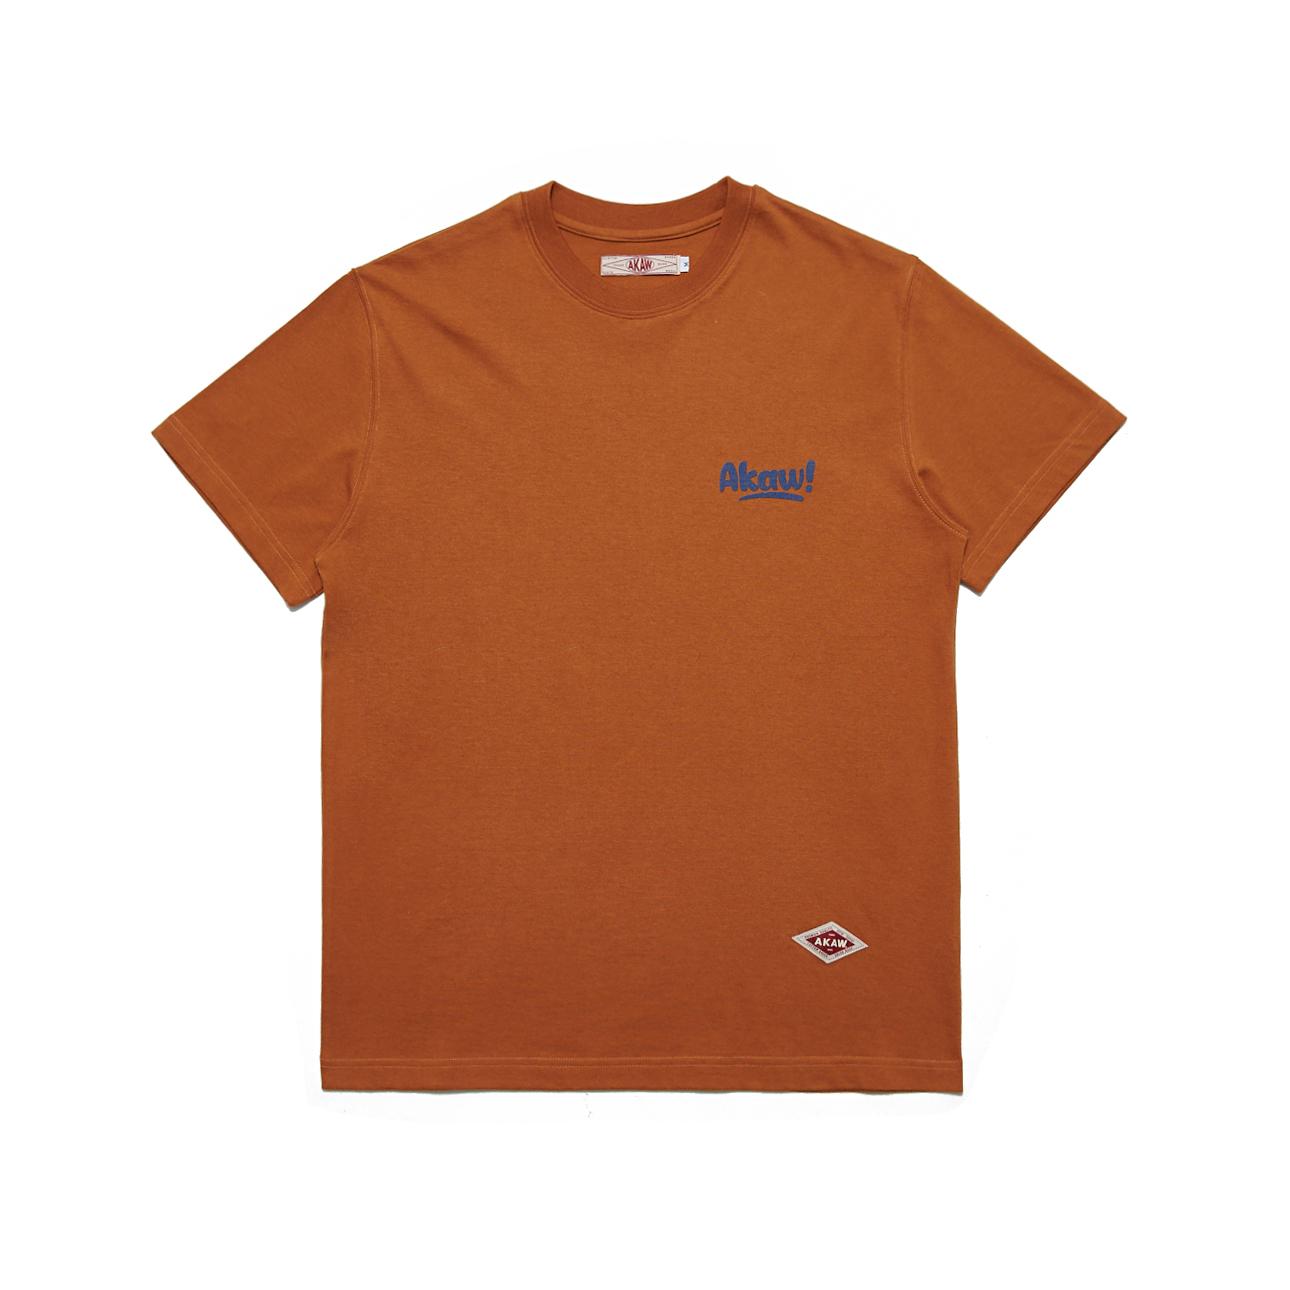 백 페인트 티셔츠(카멜)